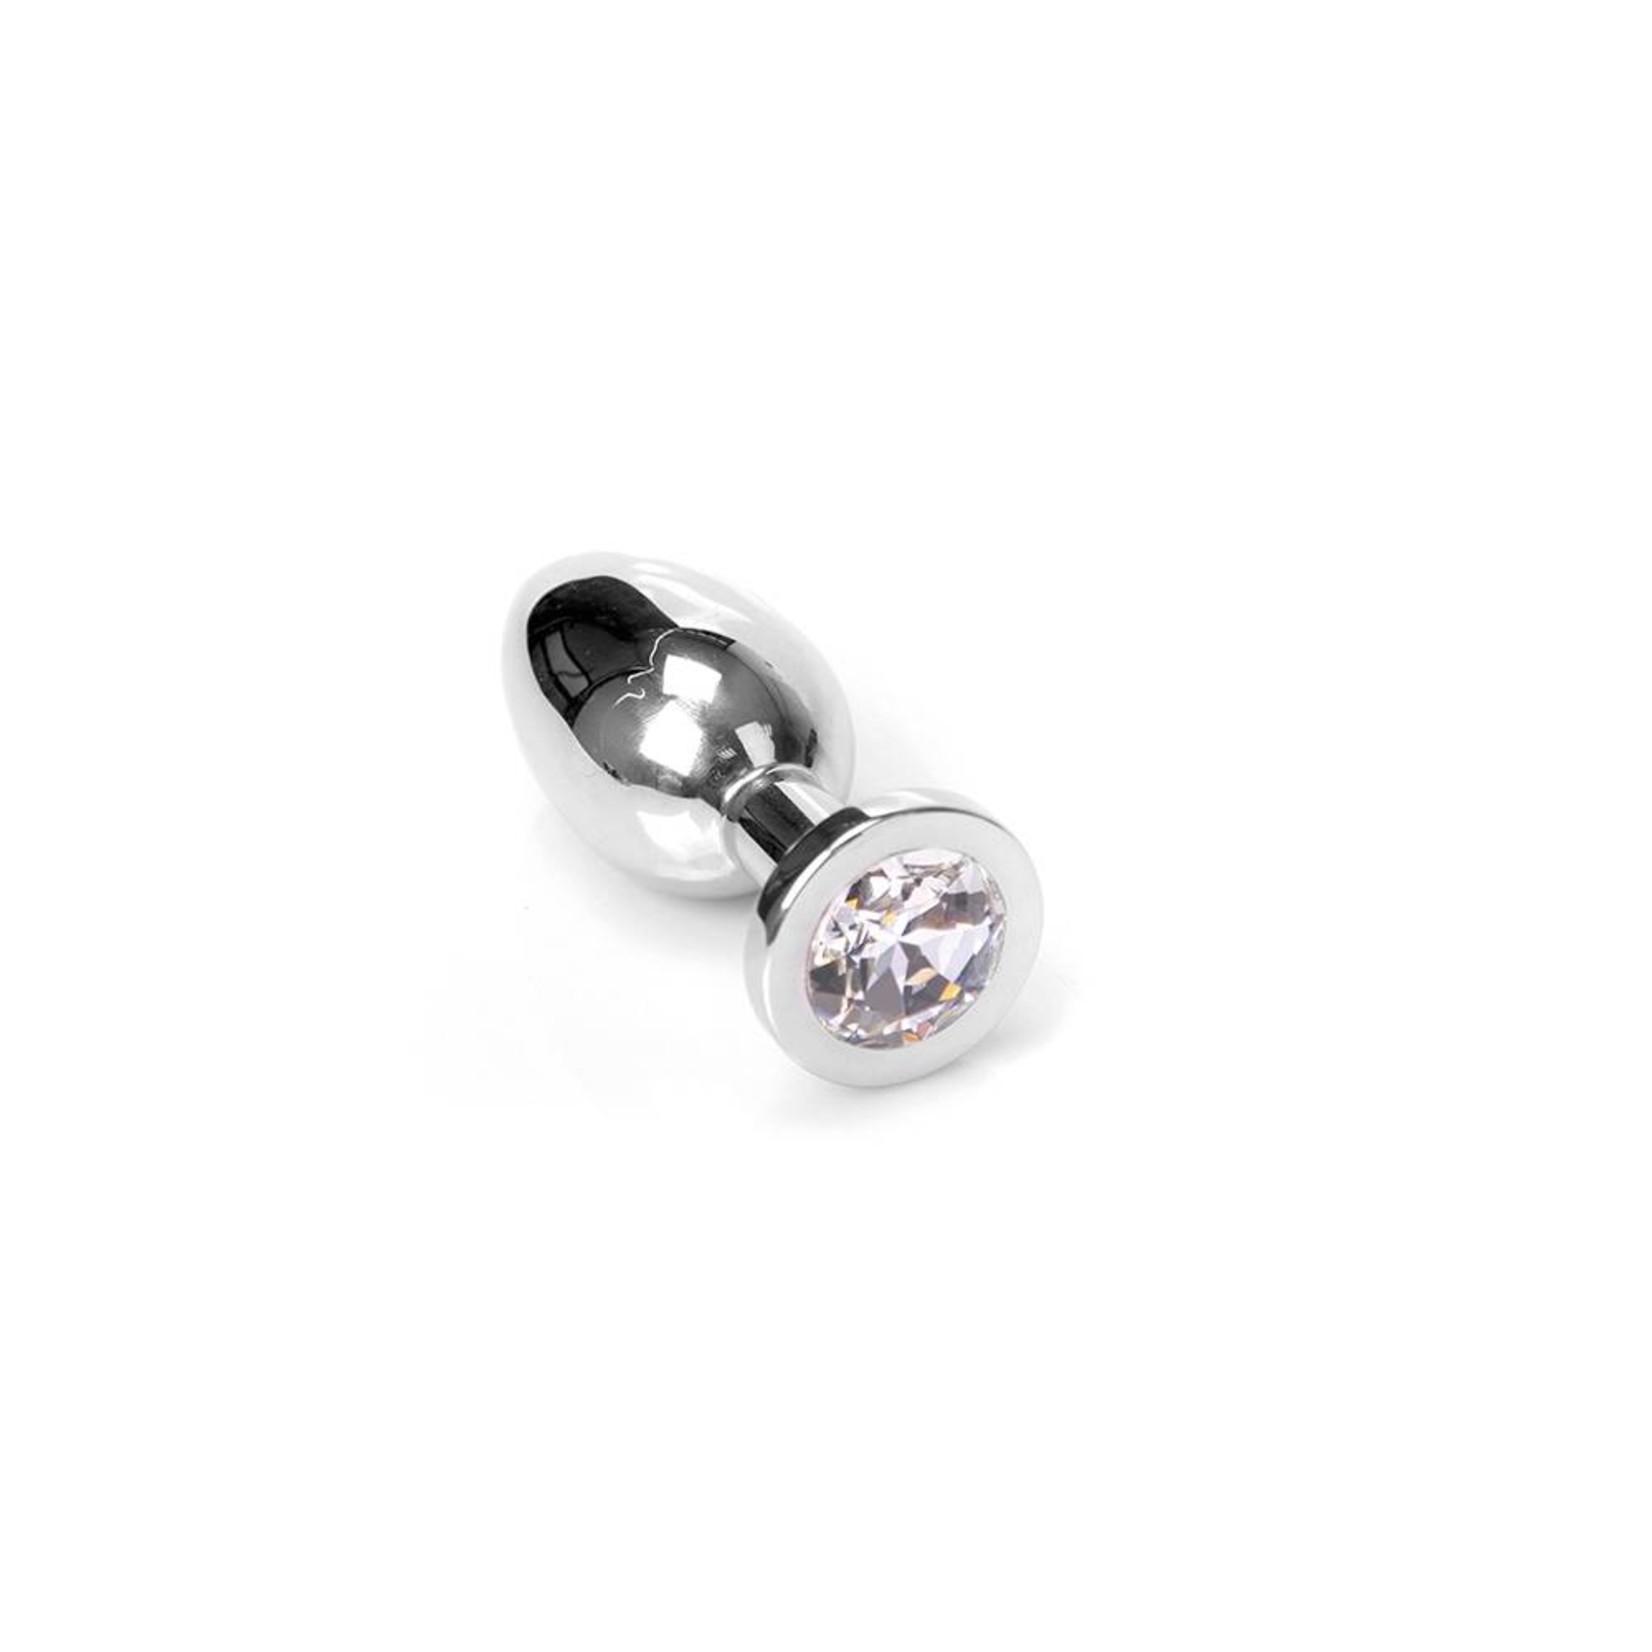 KIOTOS Steel Jewel Buttplug - Small Clear